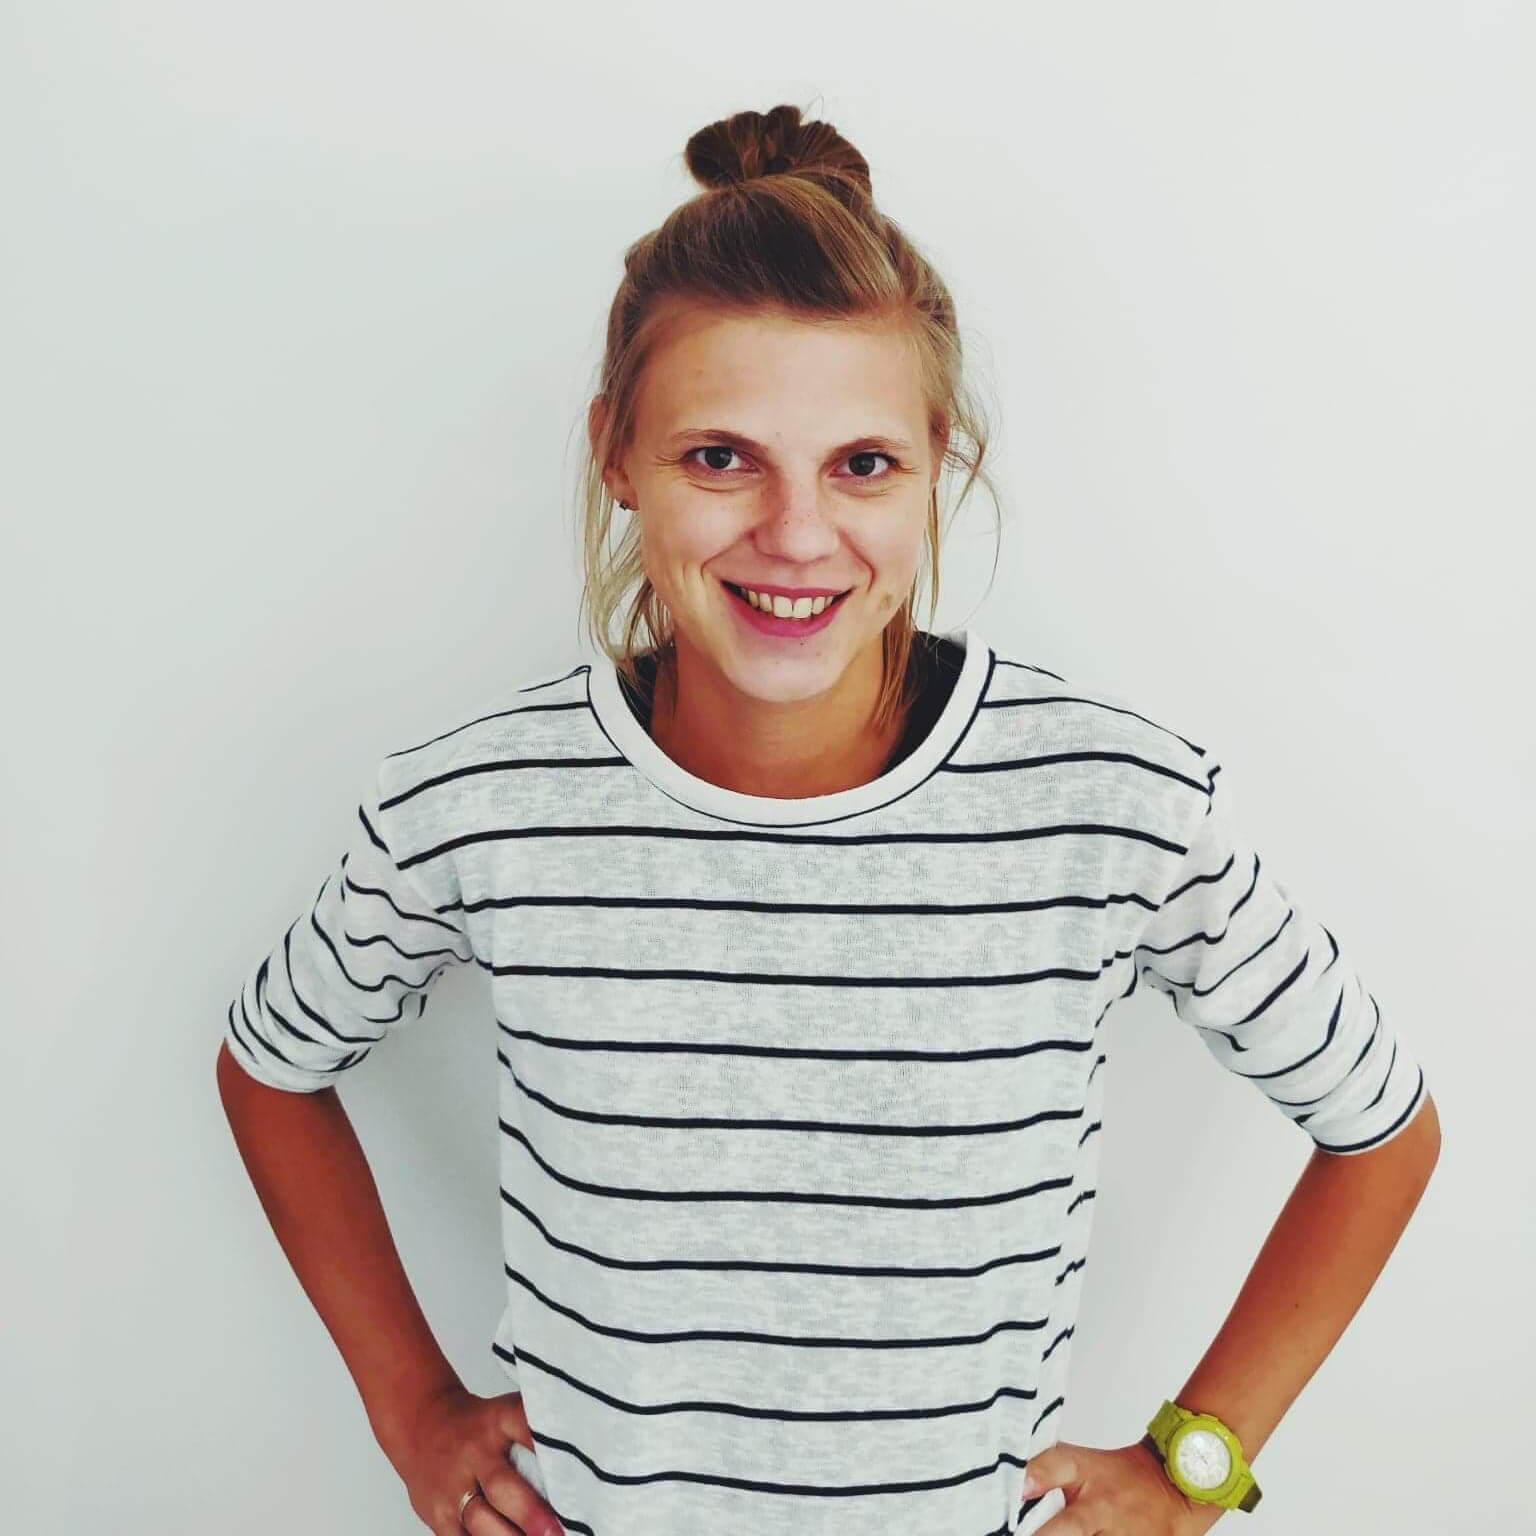 Justyna Piszczek